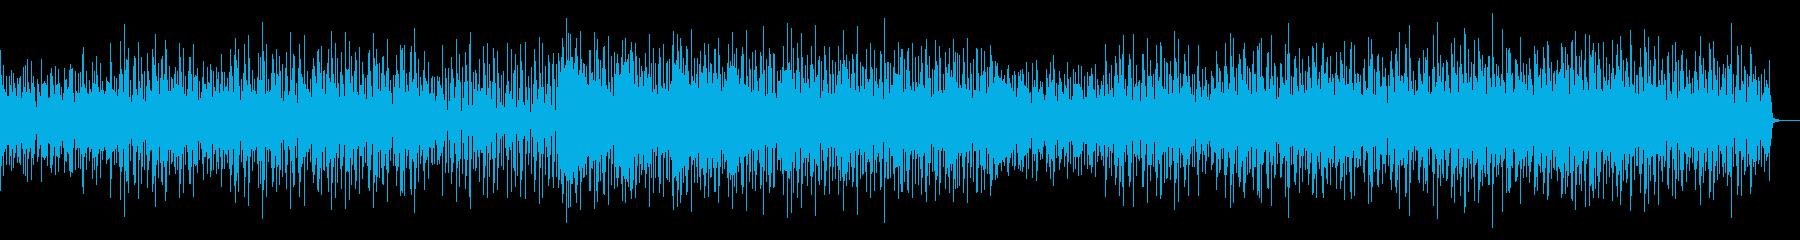 リズム良く楽しさを演出するテクノサウンドの再生済みの波形